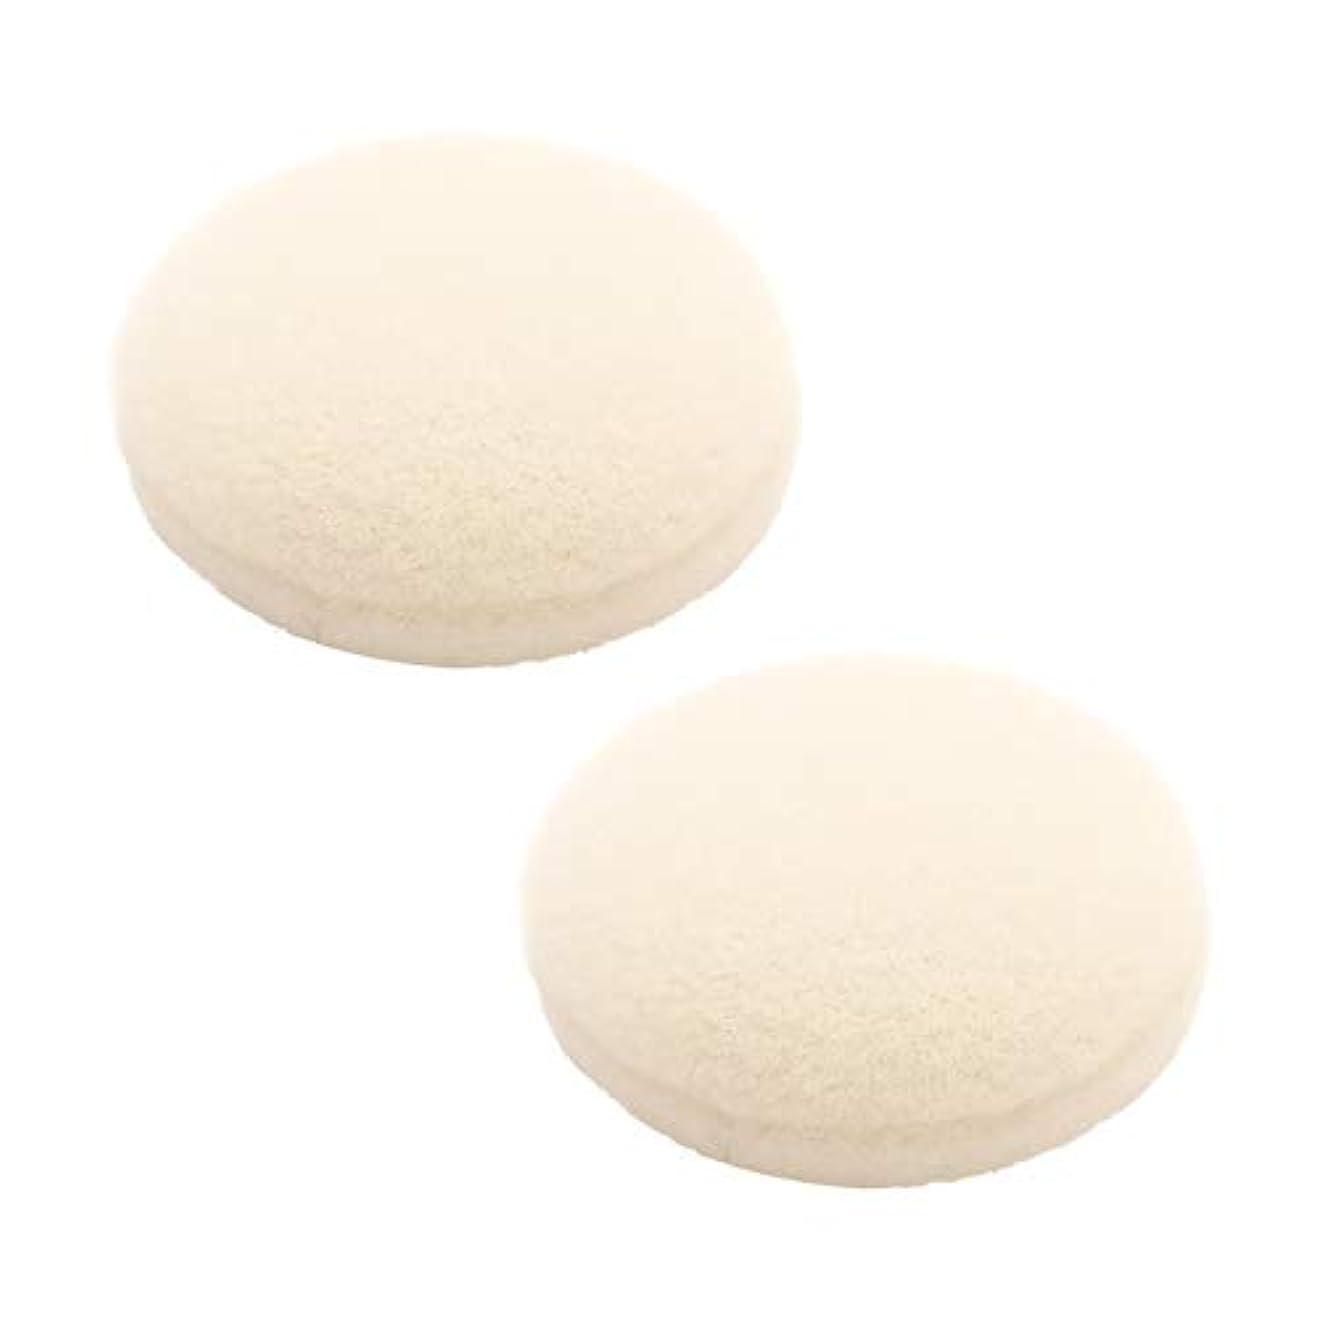 セラー平和な失業ETVOS(エトヴォス) ポンポンミネラルチーク専用替えパフ(2枚セット) 直径3.5cm 洗い替え 綿ビロード(綿天)